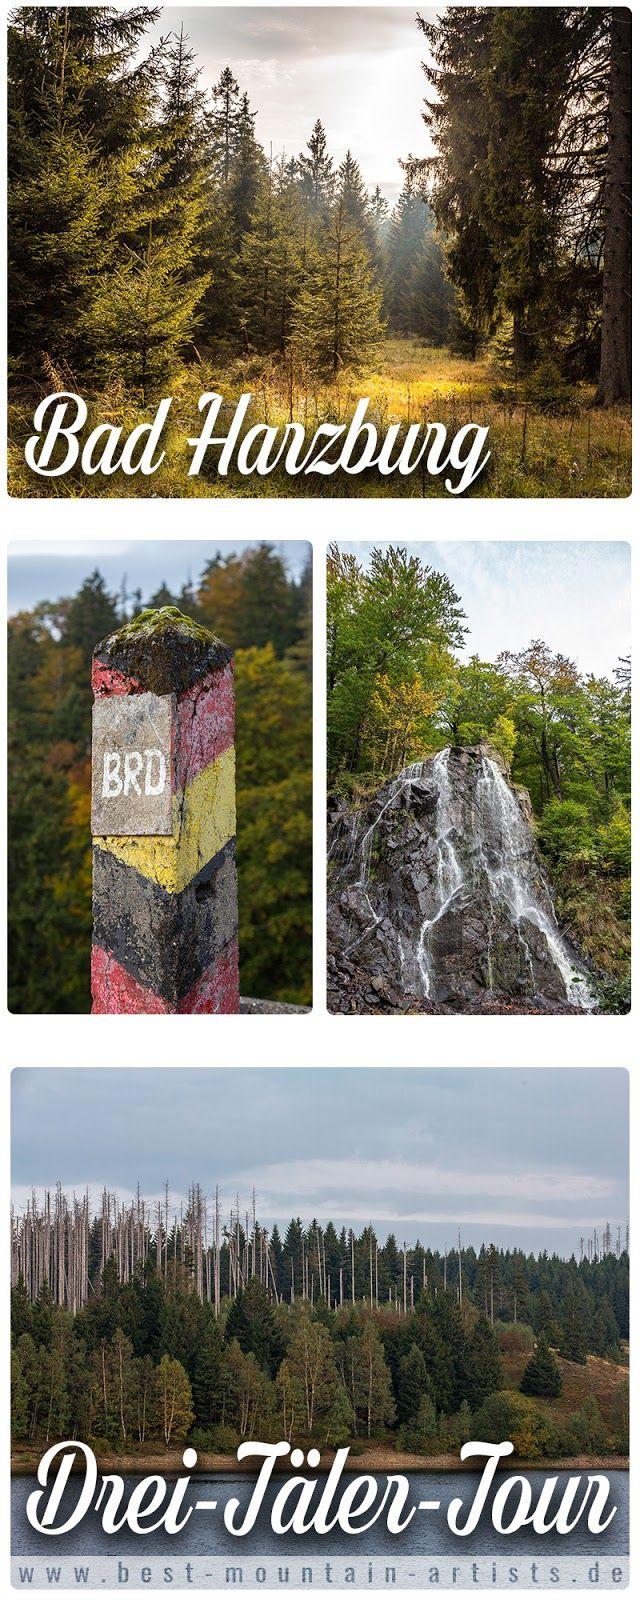 Great Drei T ler Tour Themenwanderweg Bad Harzburg Wandern im Harz Baumwipfelpfad Radauwasserfall Eckertalsperre